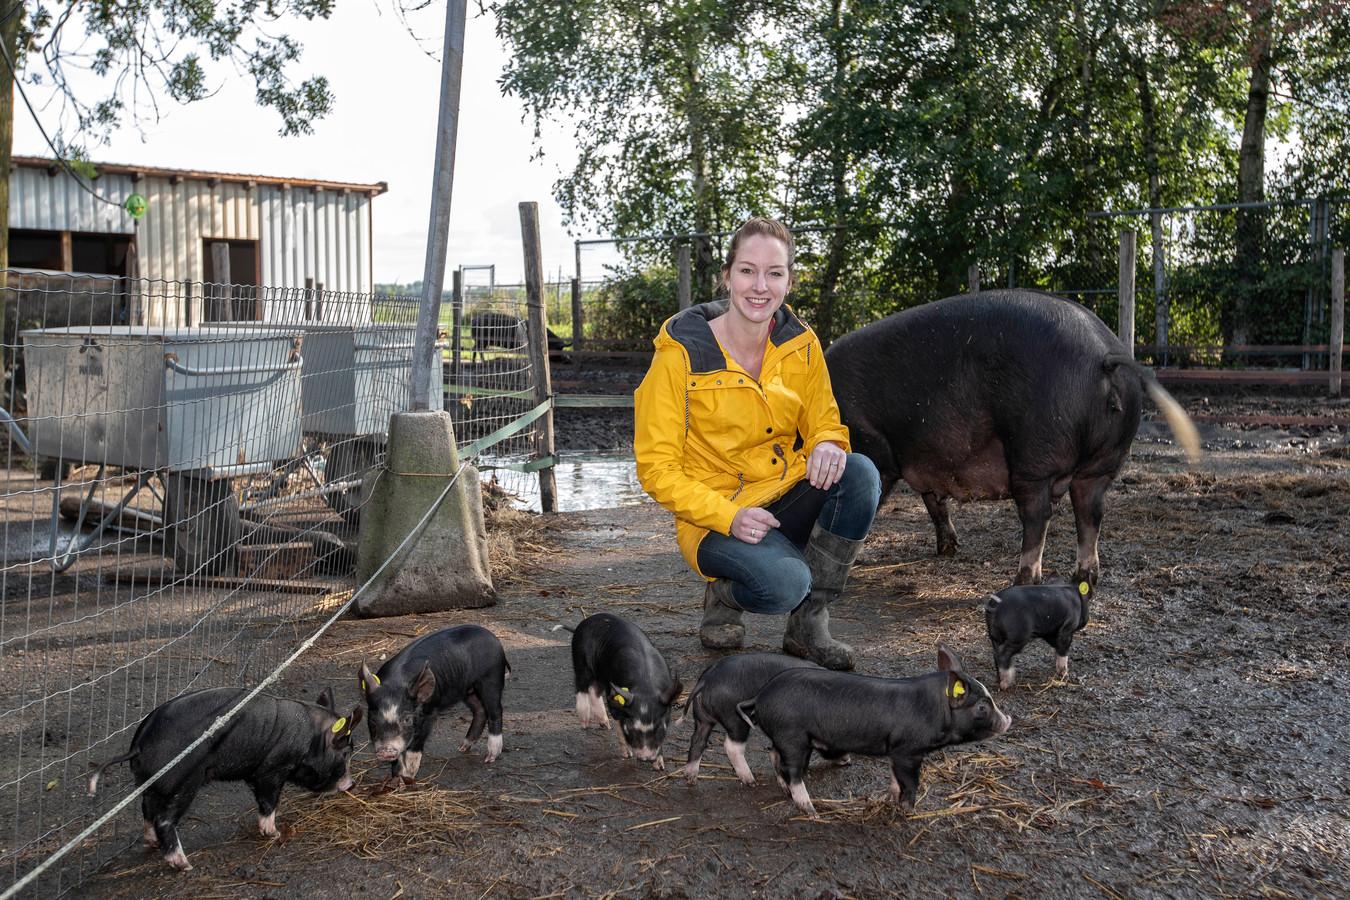 Josephine Hamel tussen haar drie weken oude Berkshire-biggetjes. Het vlees staat op het menu van het restaurant van haar en haar partner Maarten. Binnenkort is het vlees te koop in hun nieuw te openen boerderijwinkel.